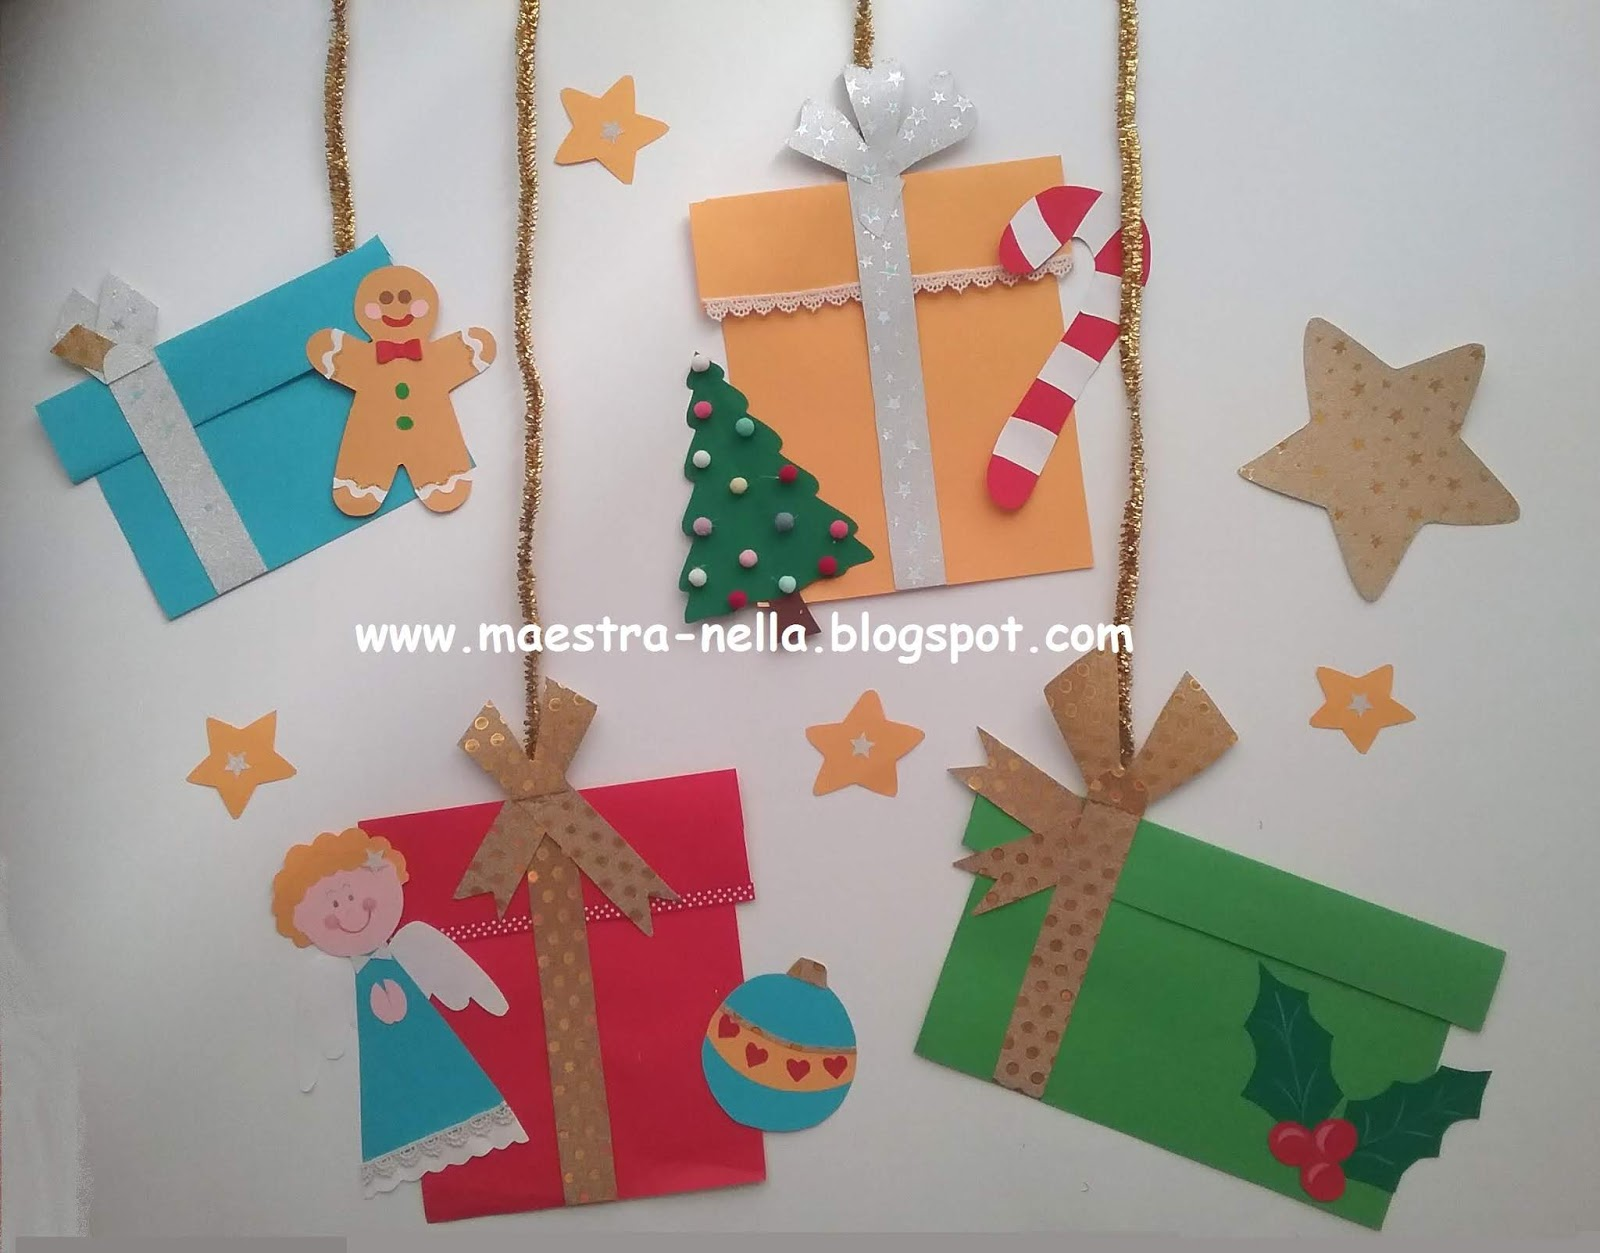 Maestra nella for Addobbi natalizi scuola primaria